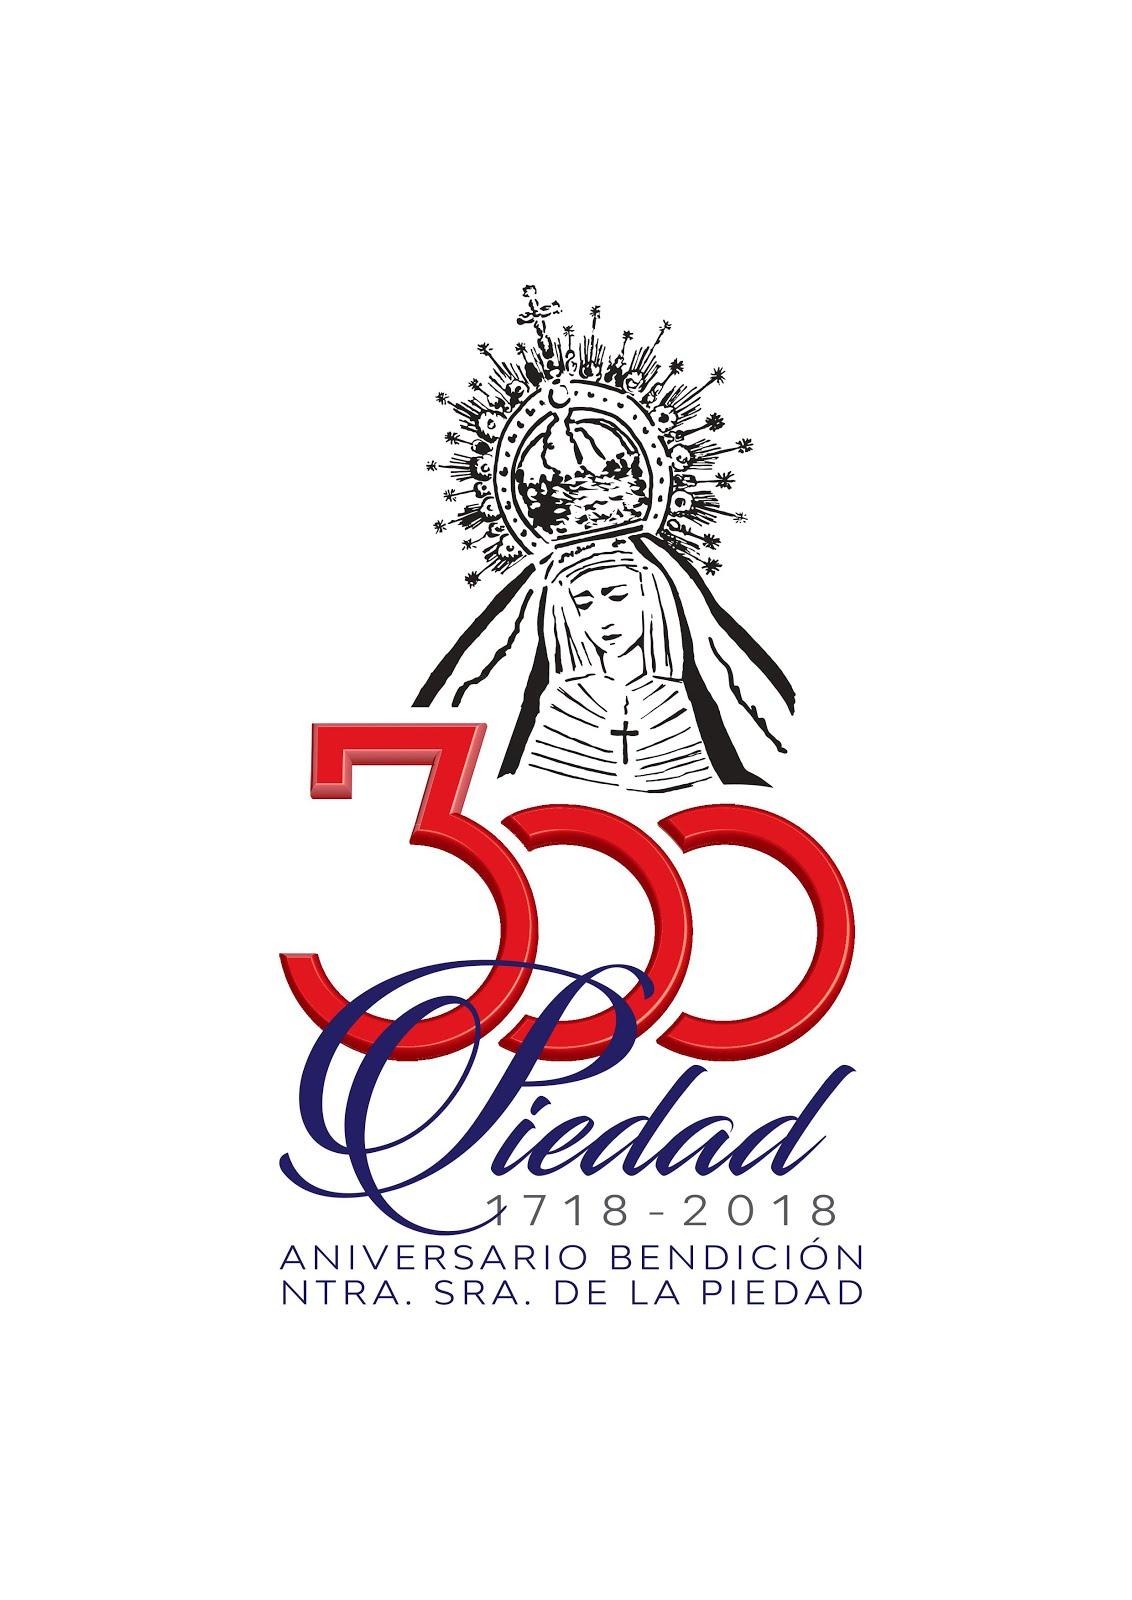 Logo de los 300 años de Piedad